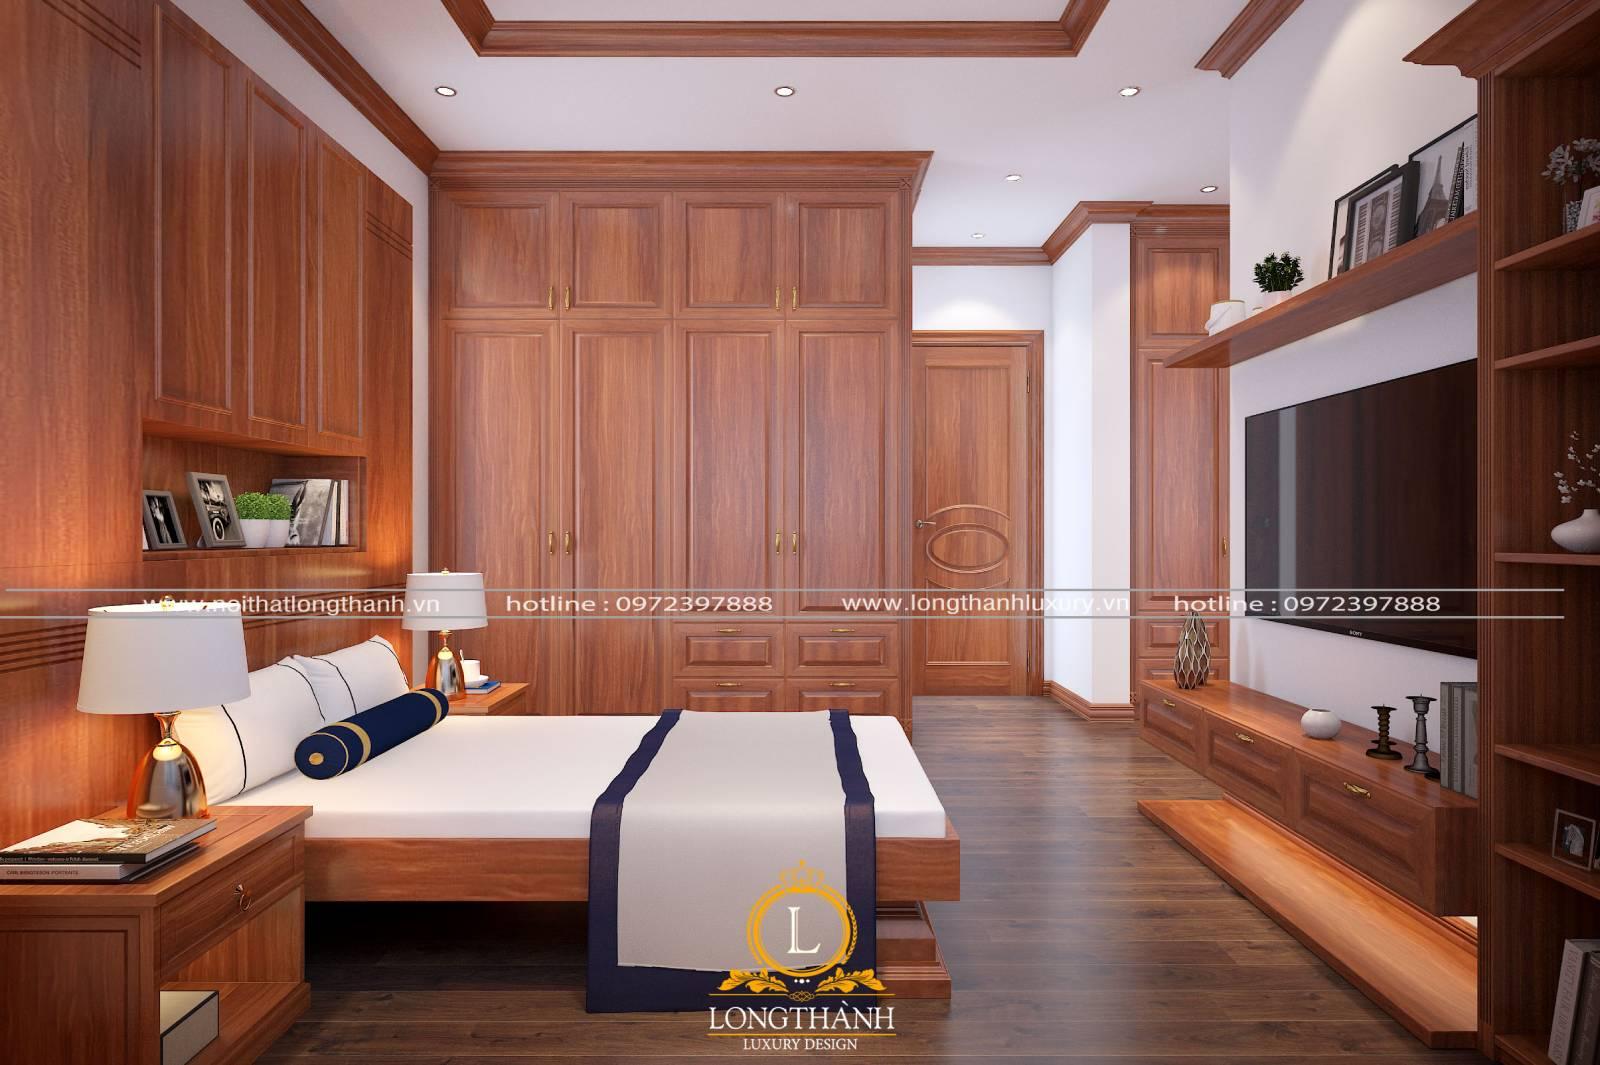 Combo giường tủ tân cổ điển có màu nâu của gỗ